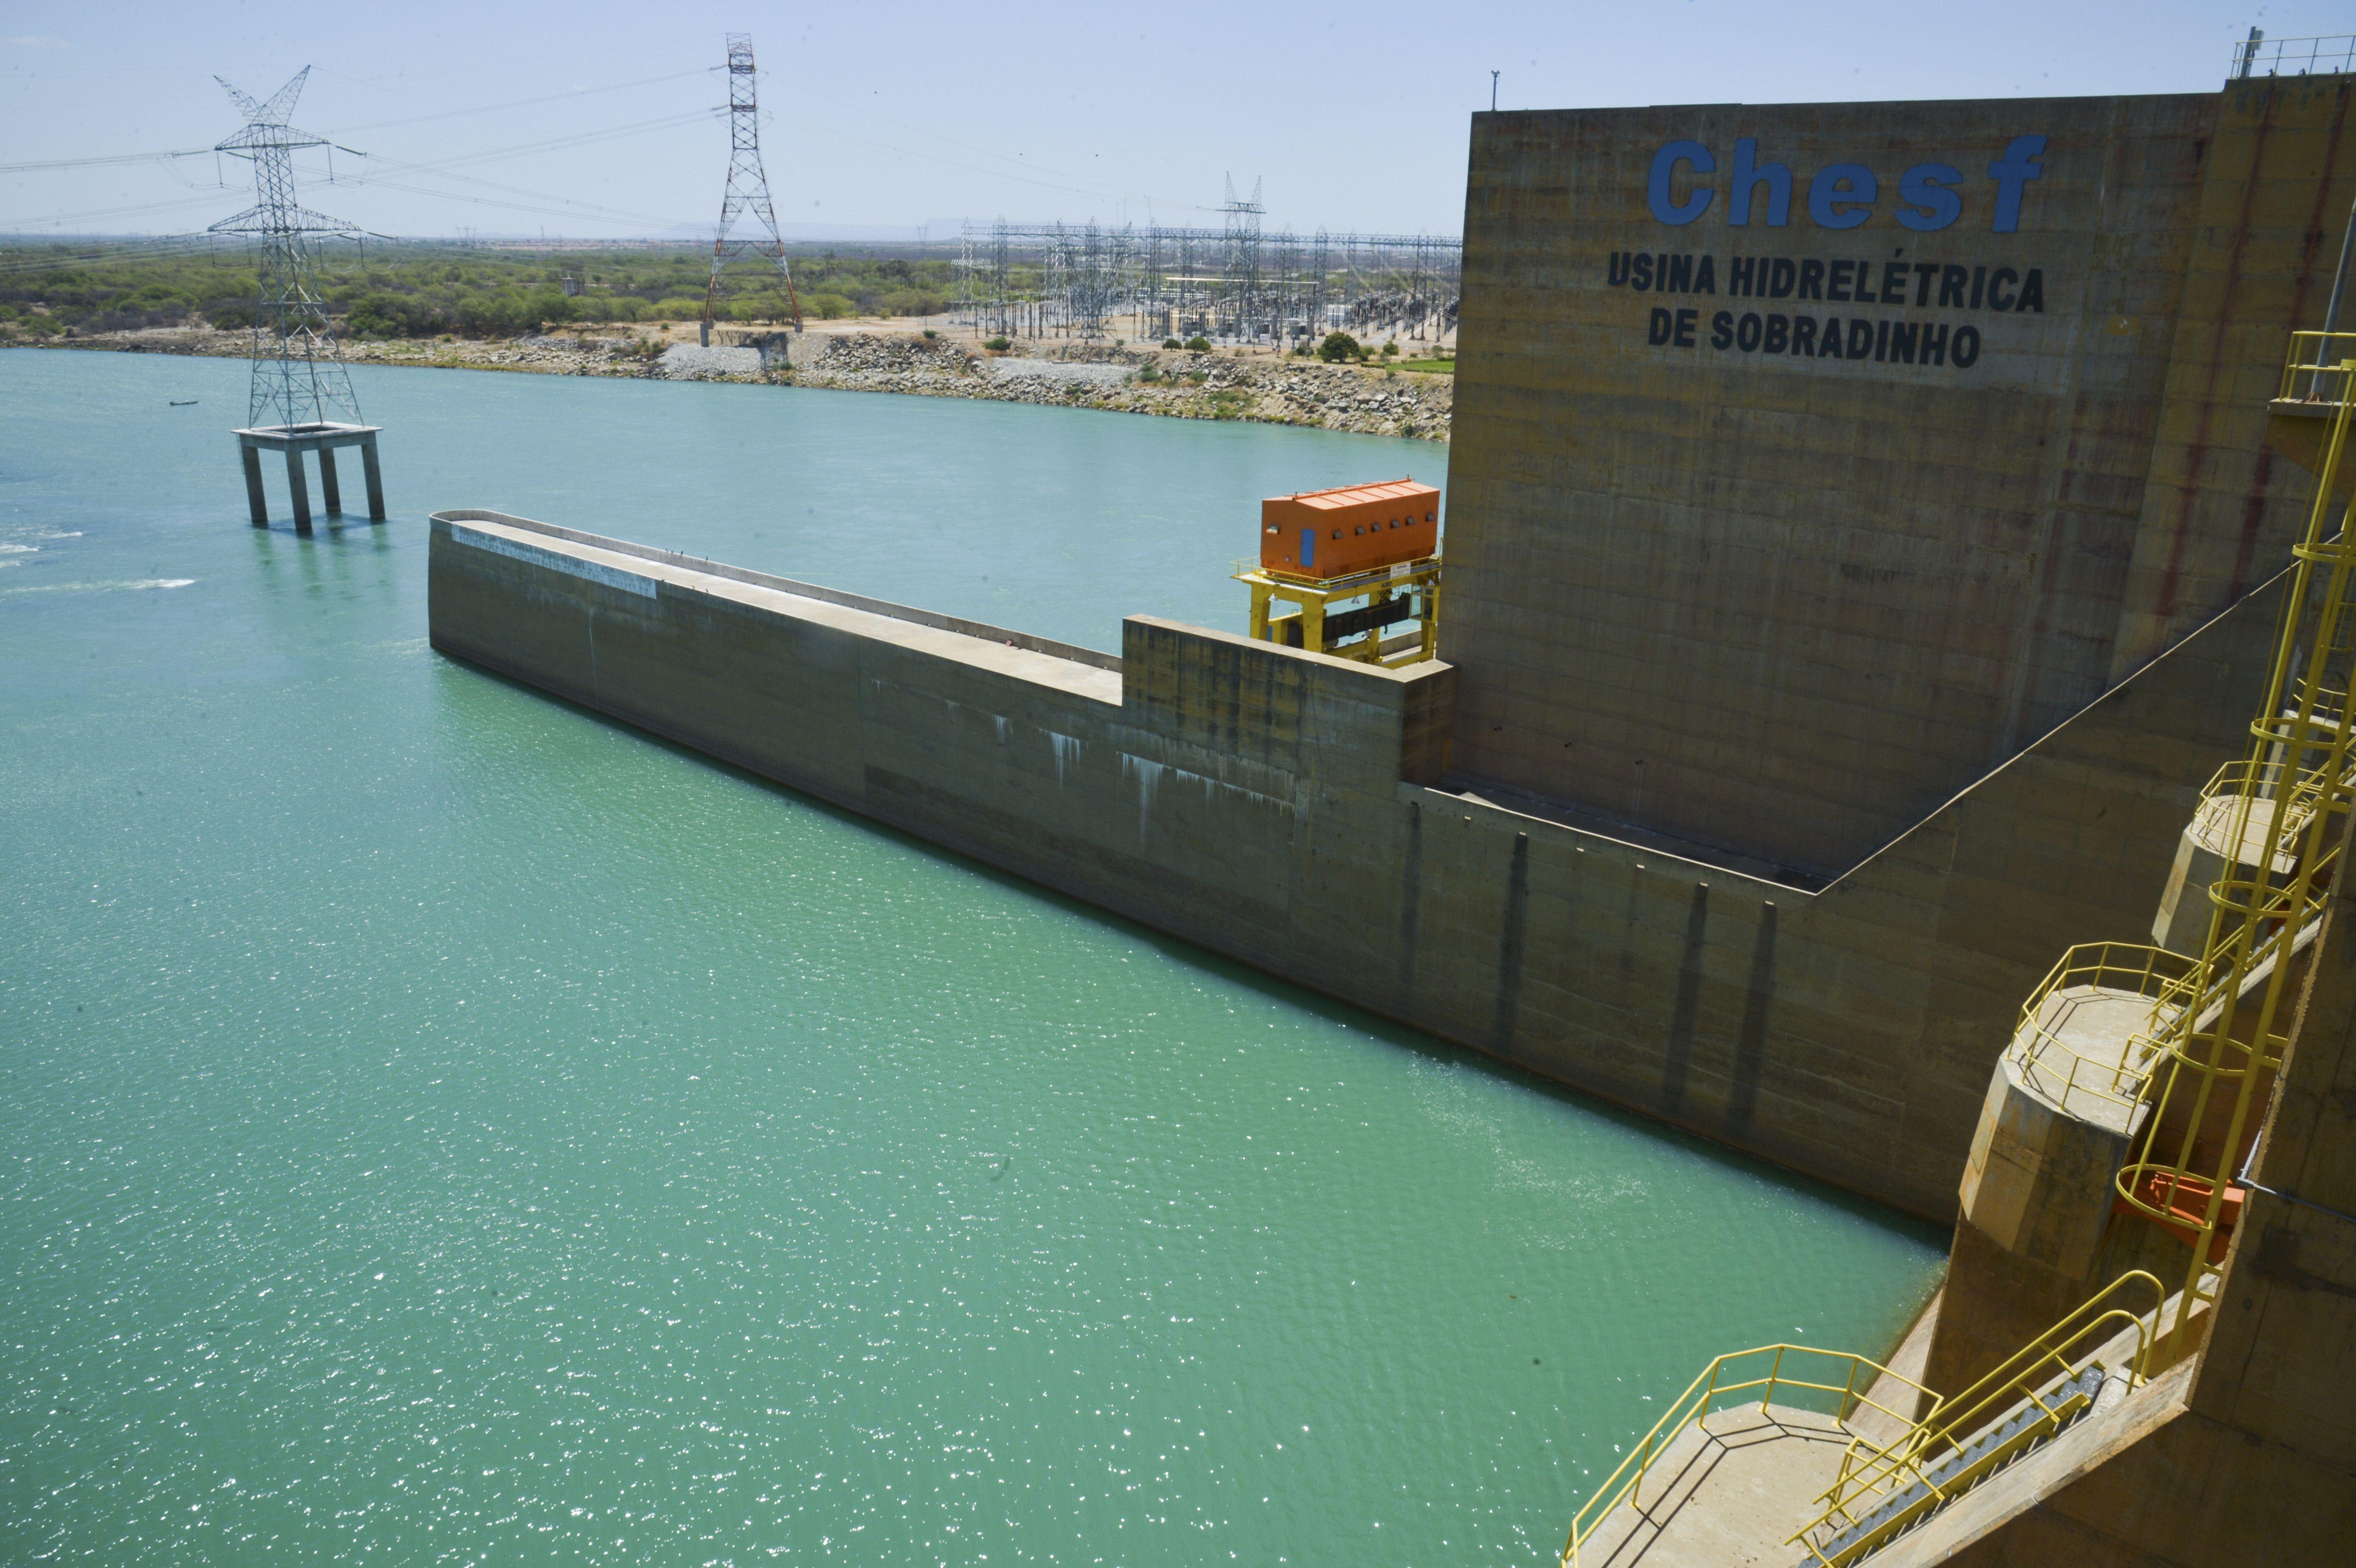 Energia - elétrica - Chesf Sobradinho Bahia hidrelétrica reservatório barragem